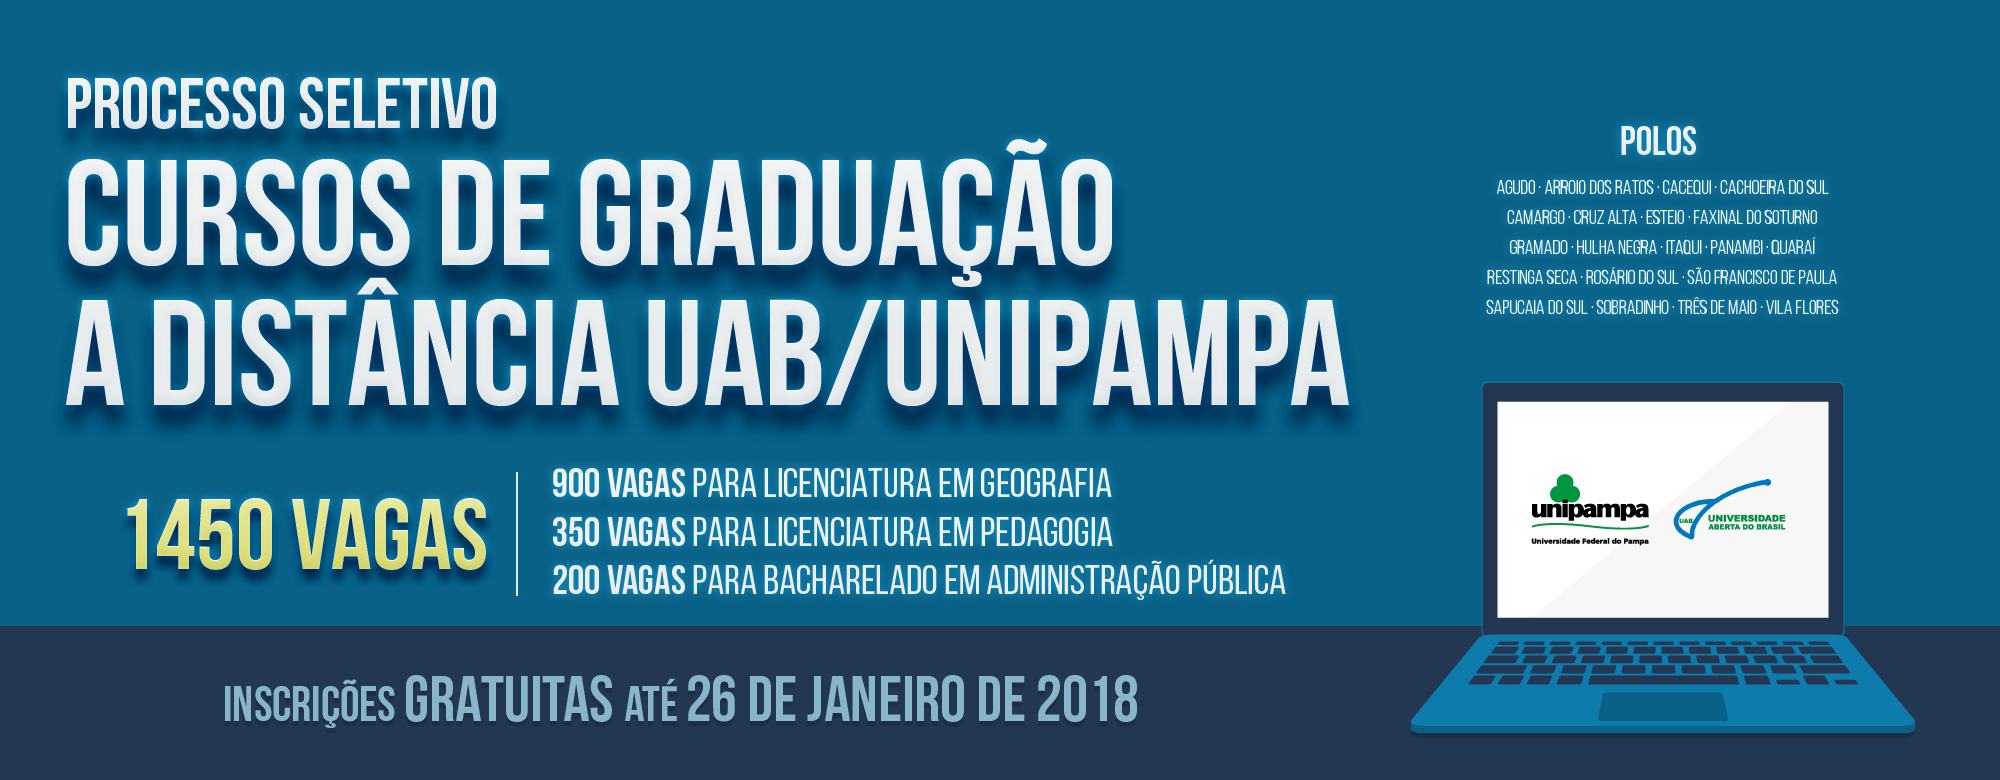 Banner publicitário anunciando o processo seletivo para cursos de graduação EaD UAB/Unipampa